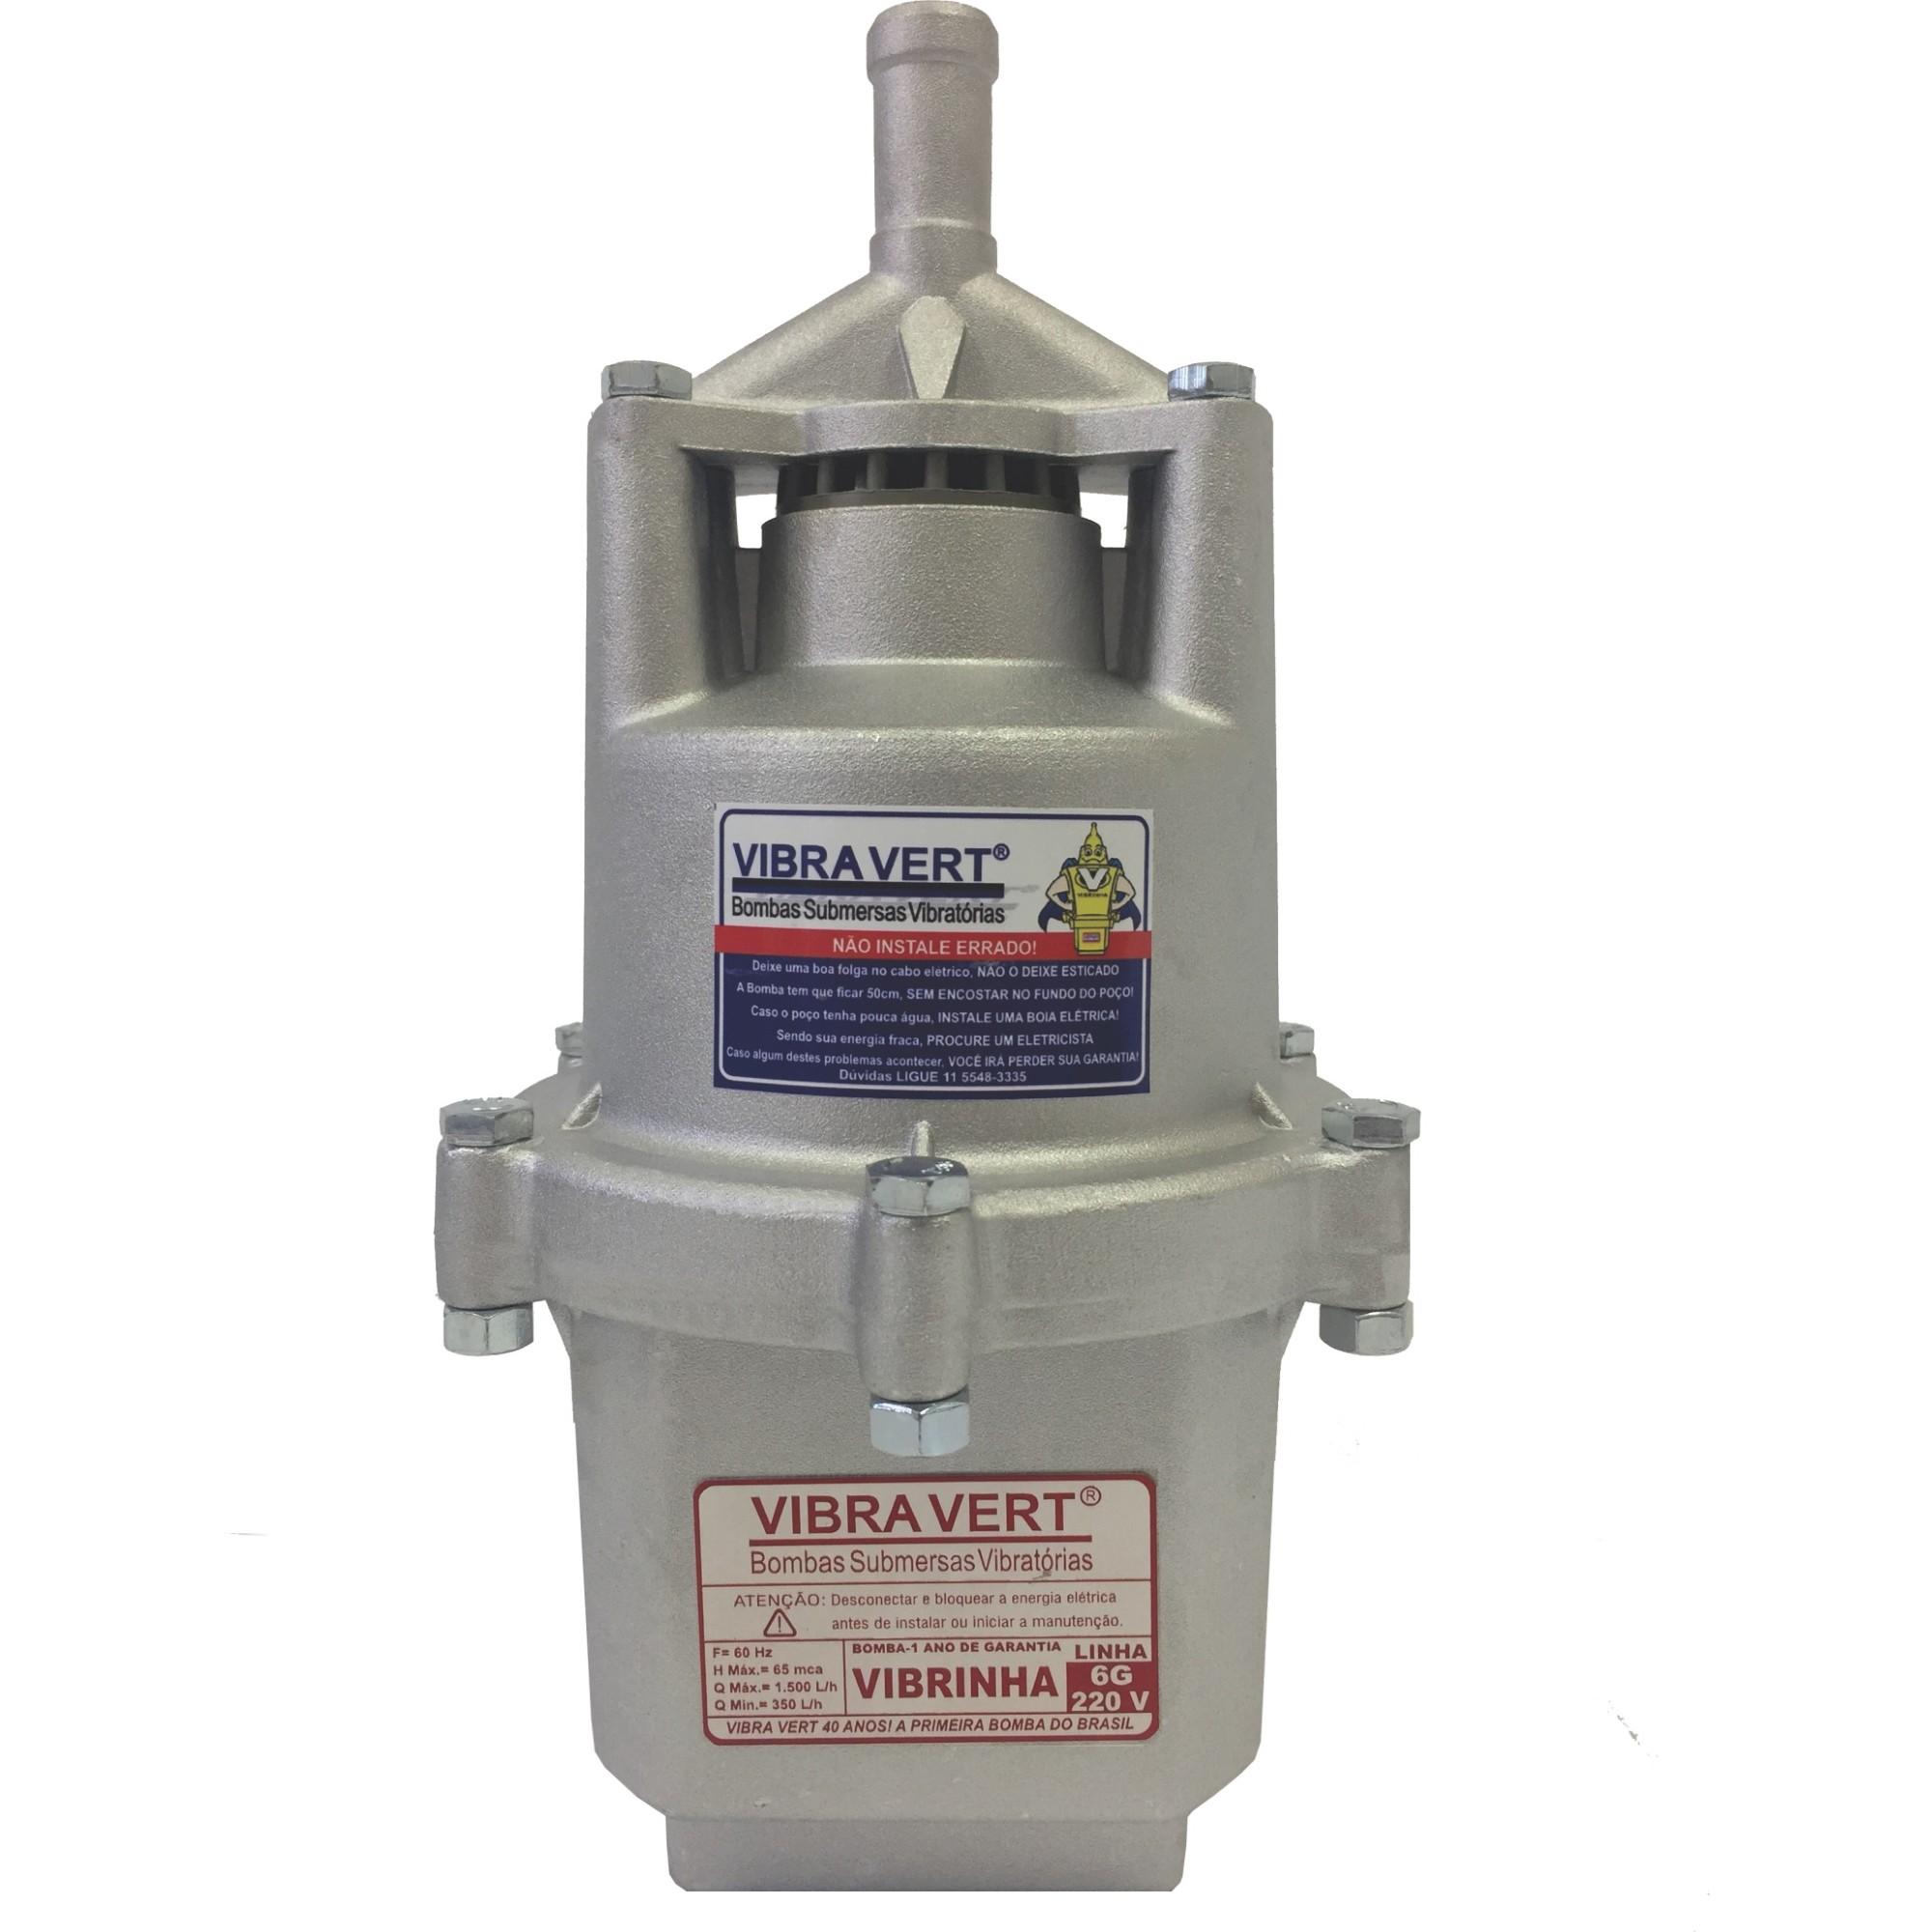 Bomba Submersa Vibratoria Vibrinha 220V - Vibravert